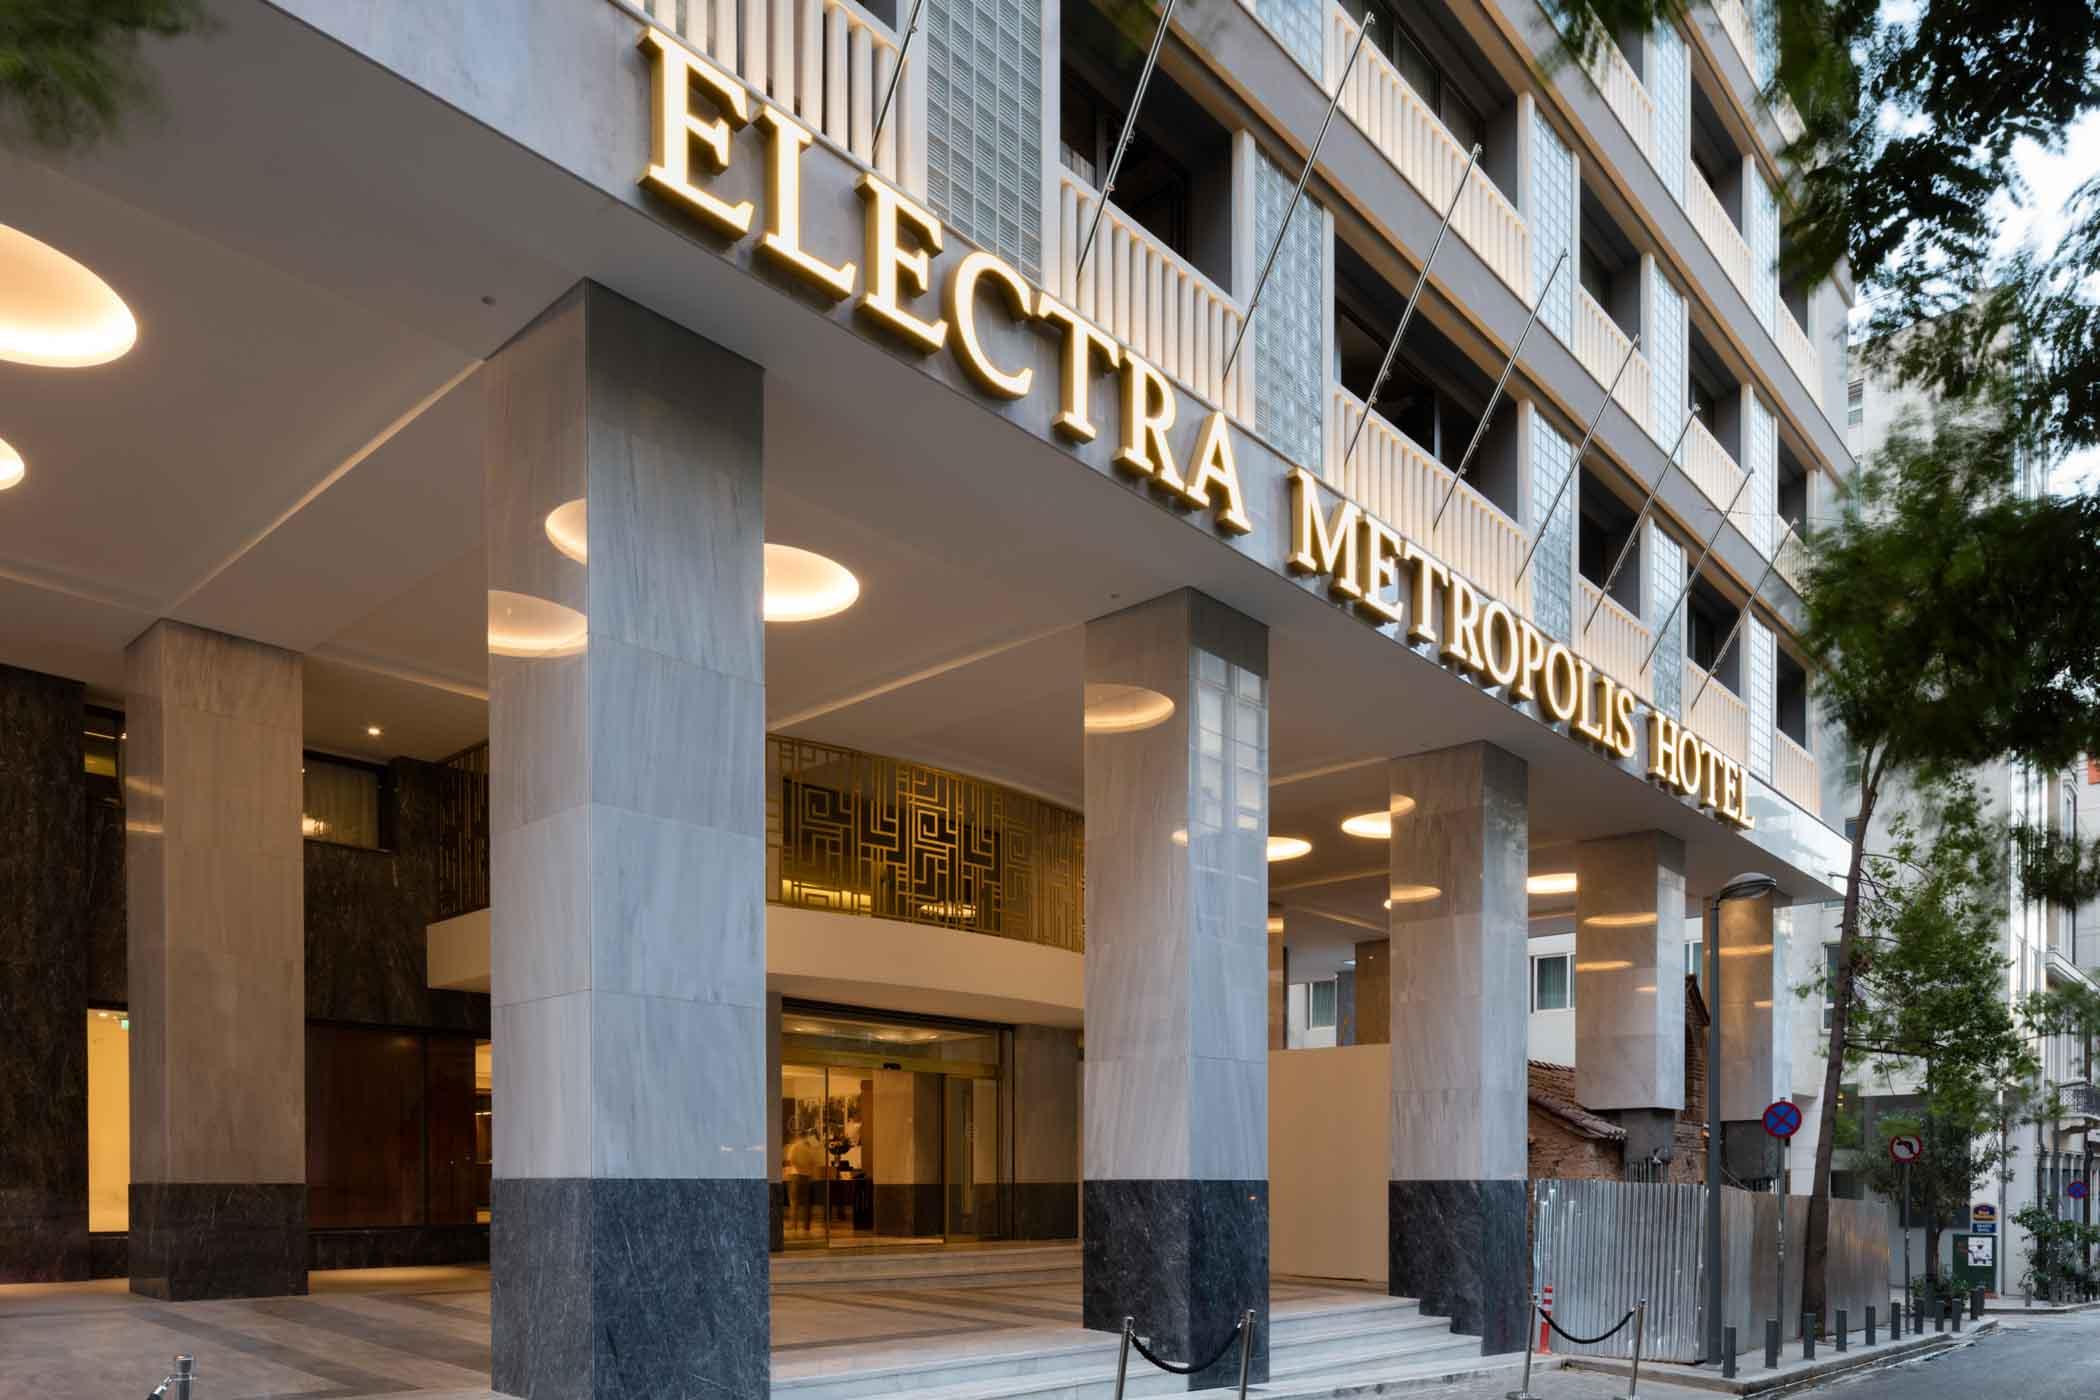 Electra Metropolis Gtp